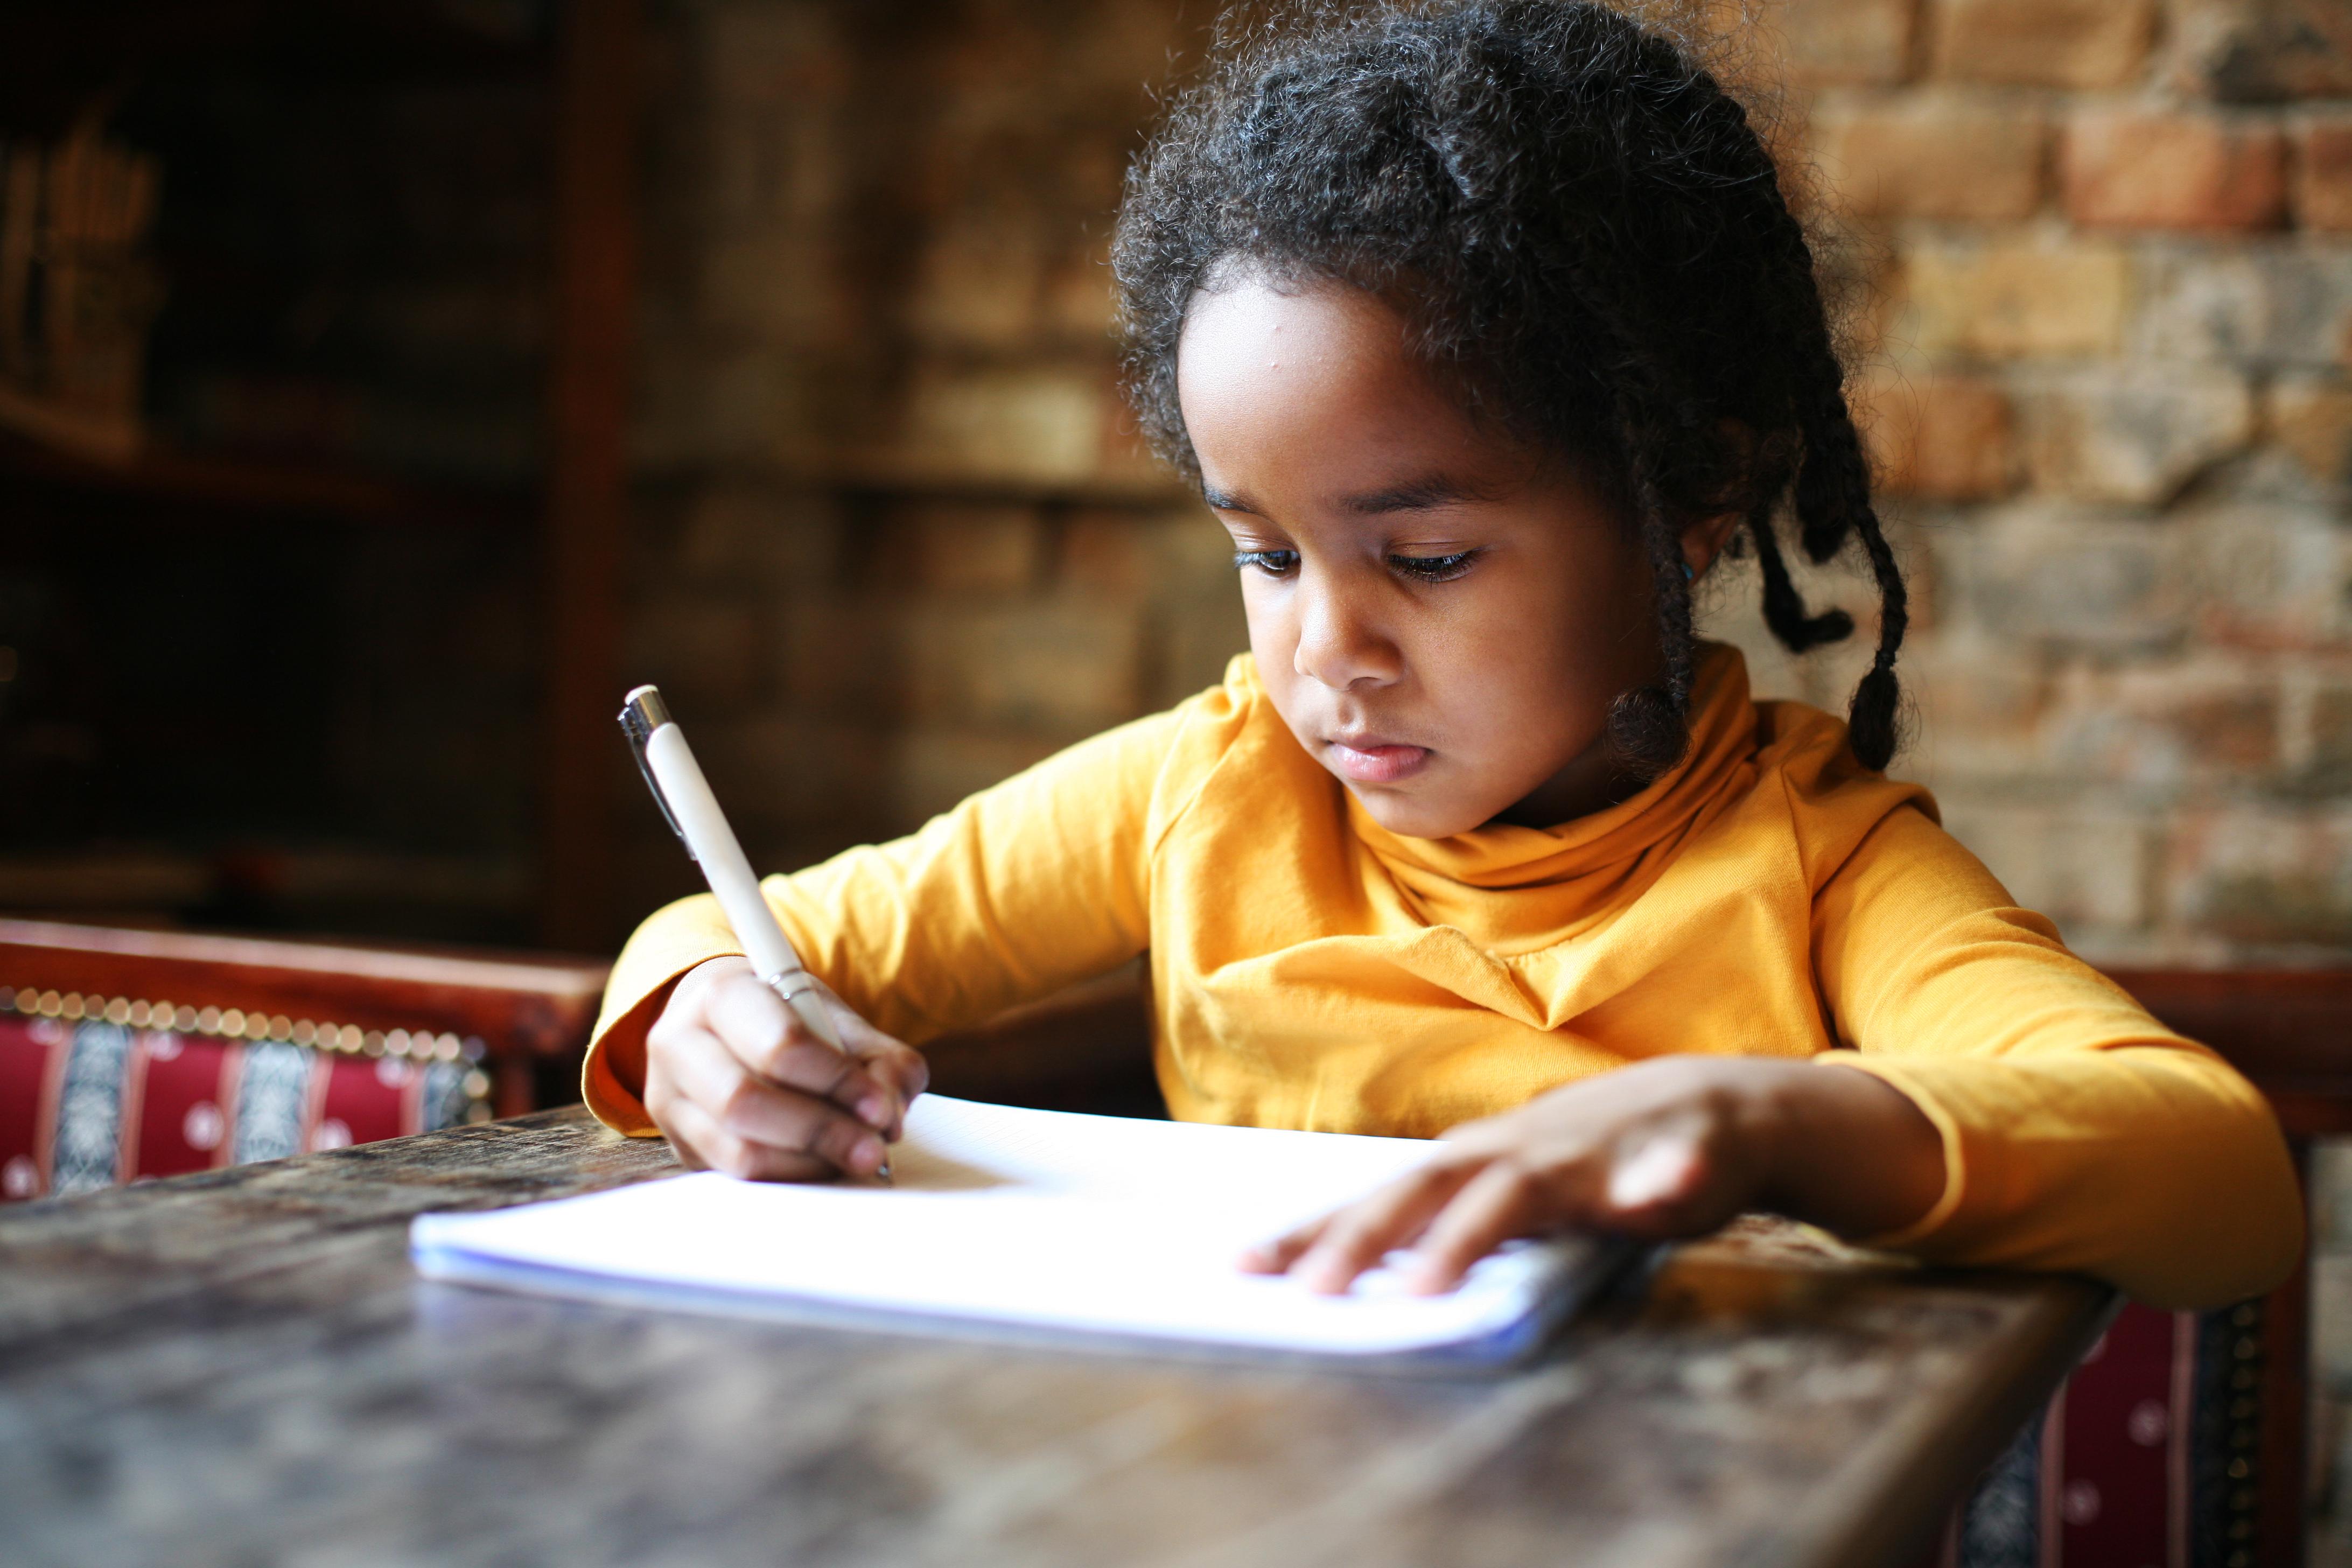 educacao-eleicoes-brasil-educacao-infantil